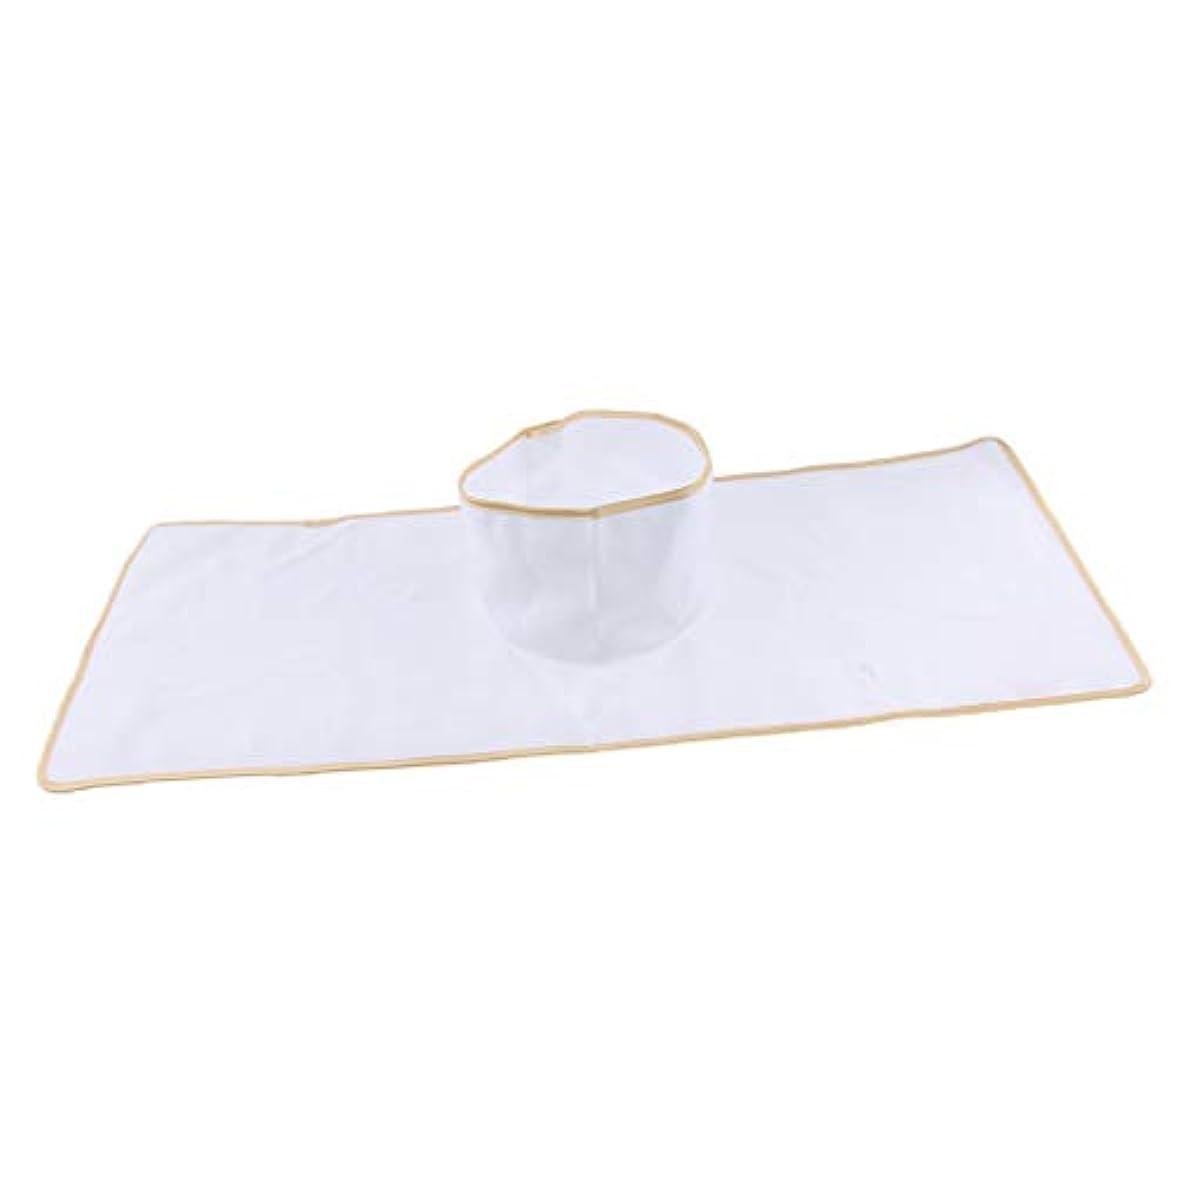 アレイサドル千D DOLITY サロン マッサージベッドシート 穴付き 衛生パッド 再使用可能 約90×35cm 全3色 - 白